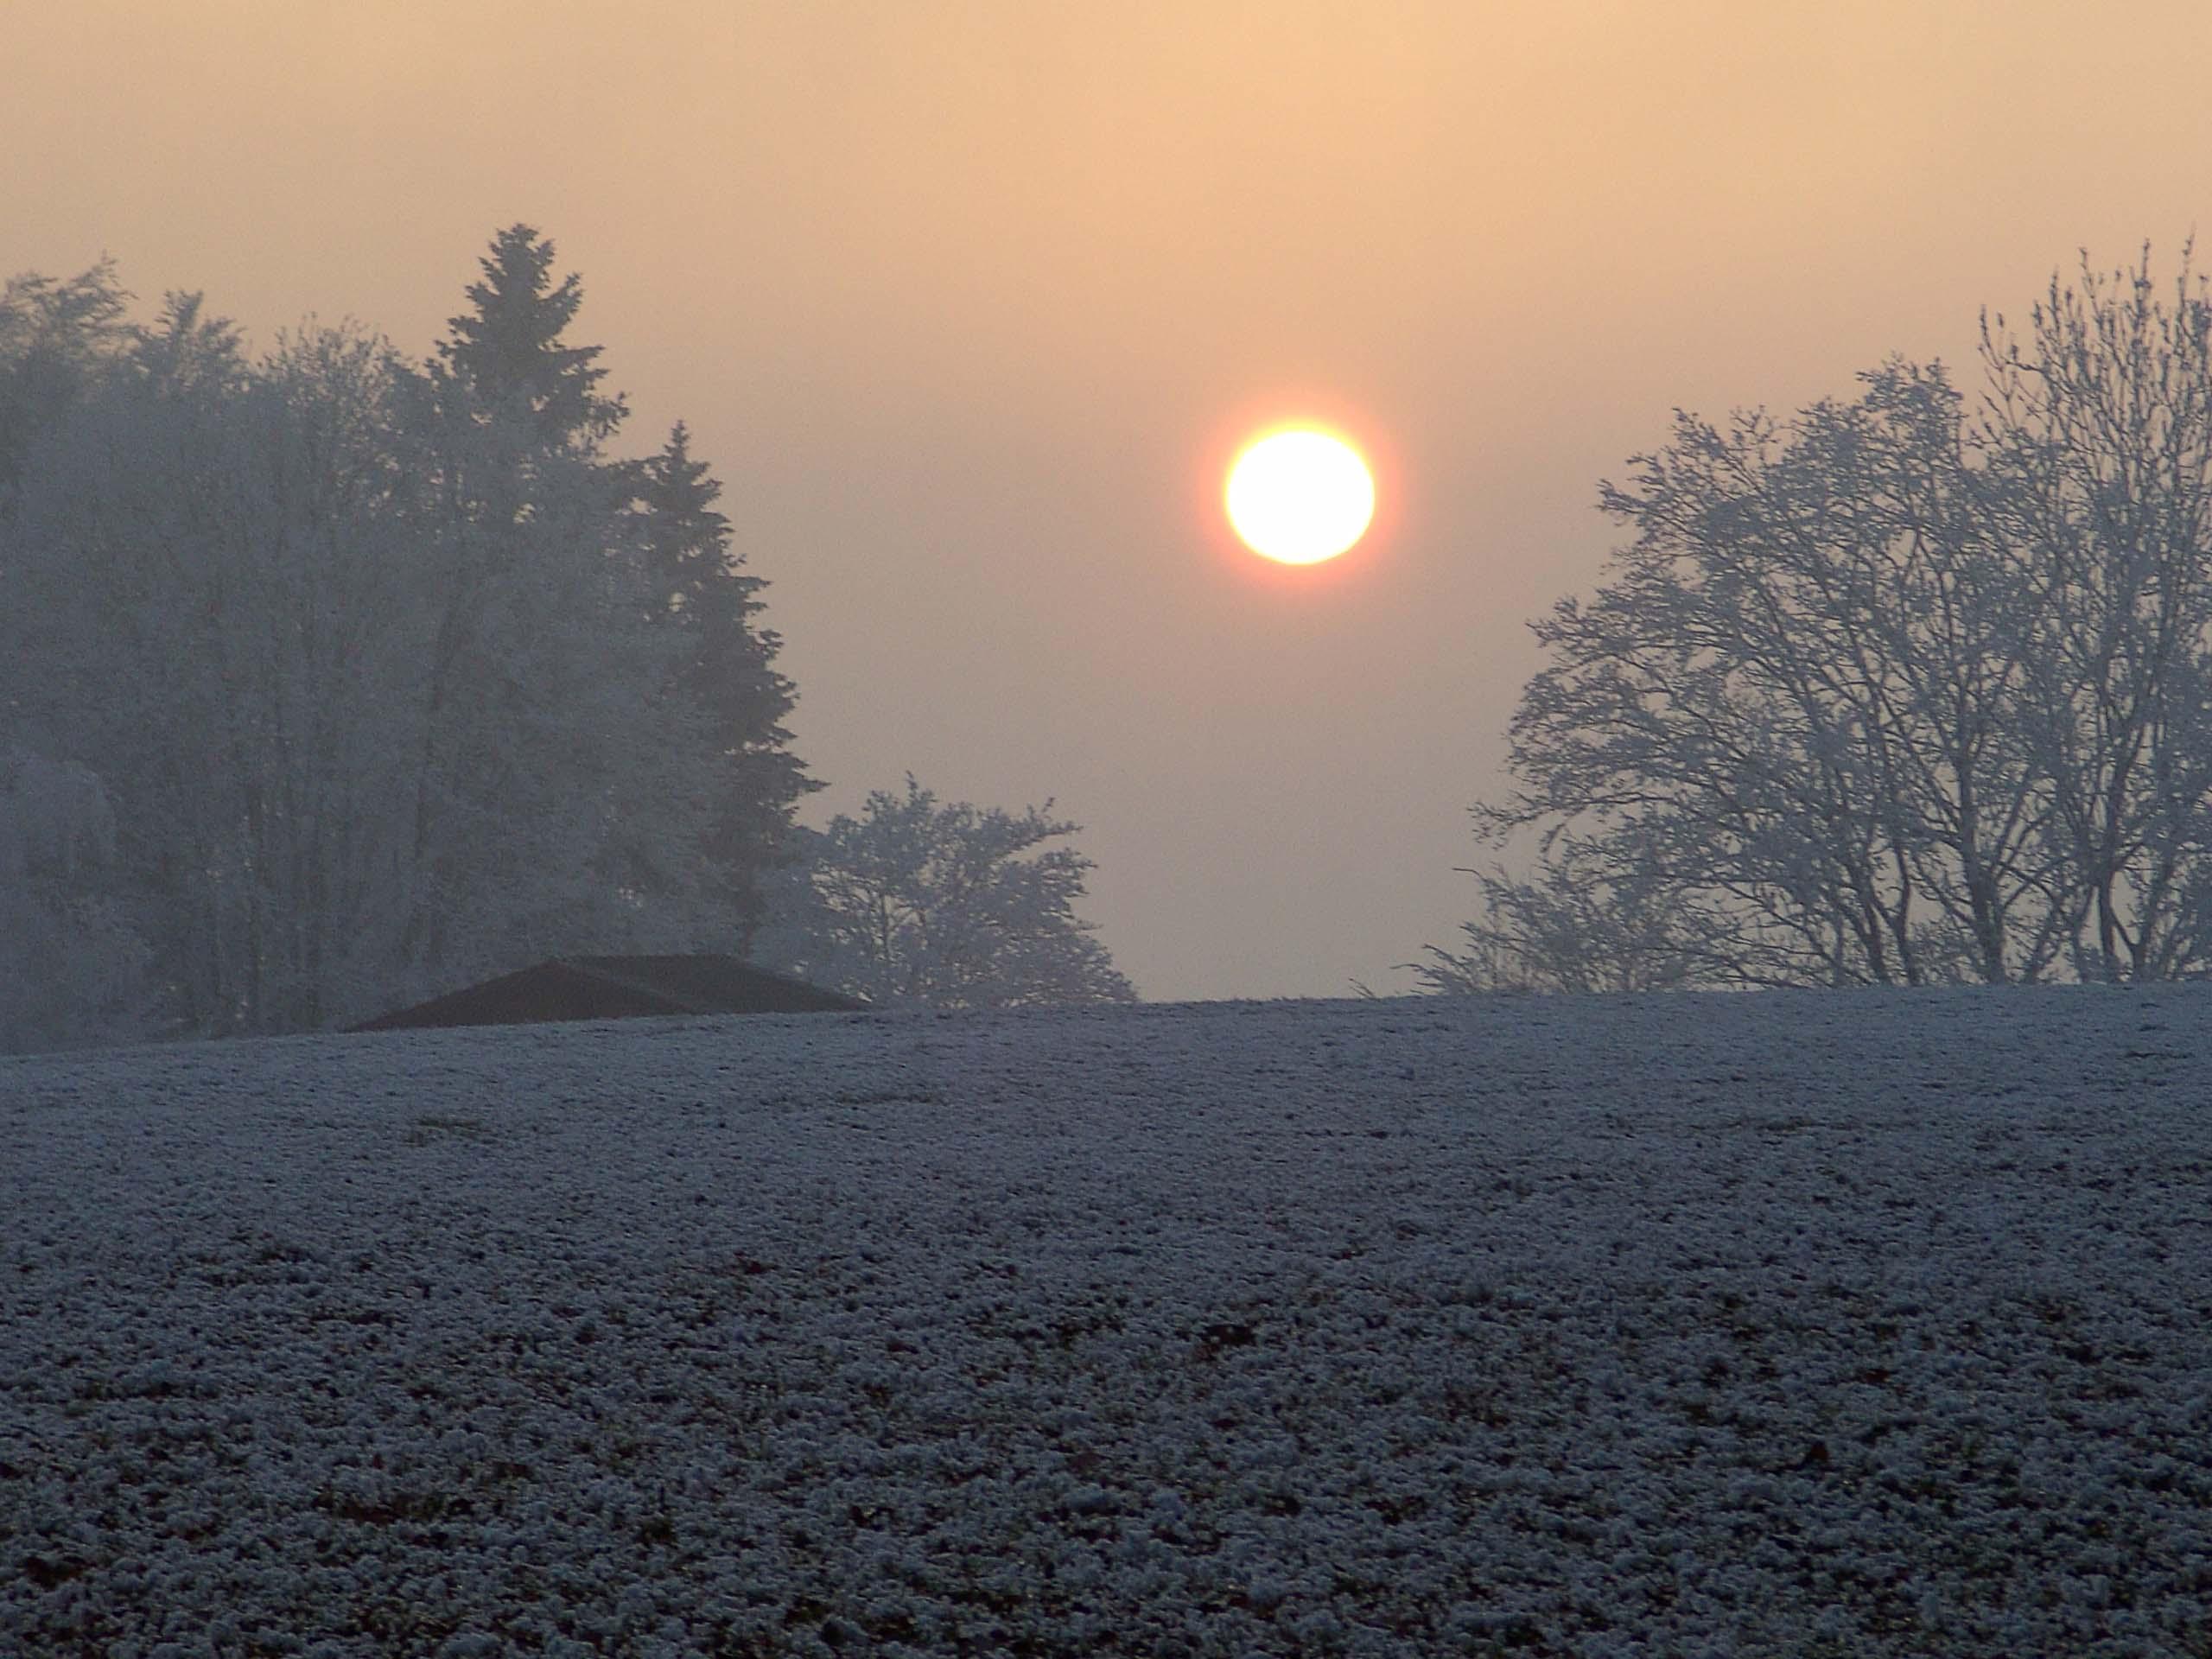 DARSHAN mit GOTT: Winterlandschaft mit Sonne und Nebel, Desktopbild